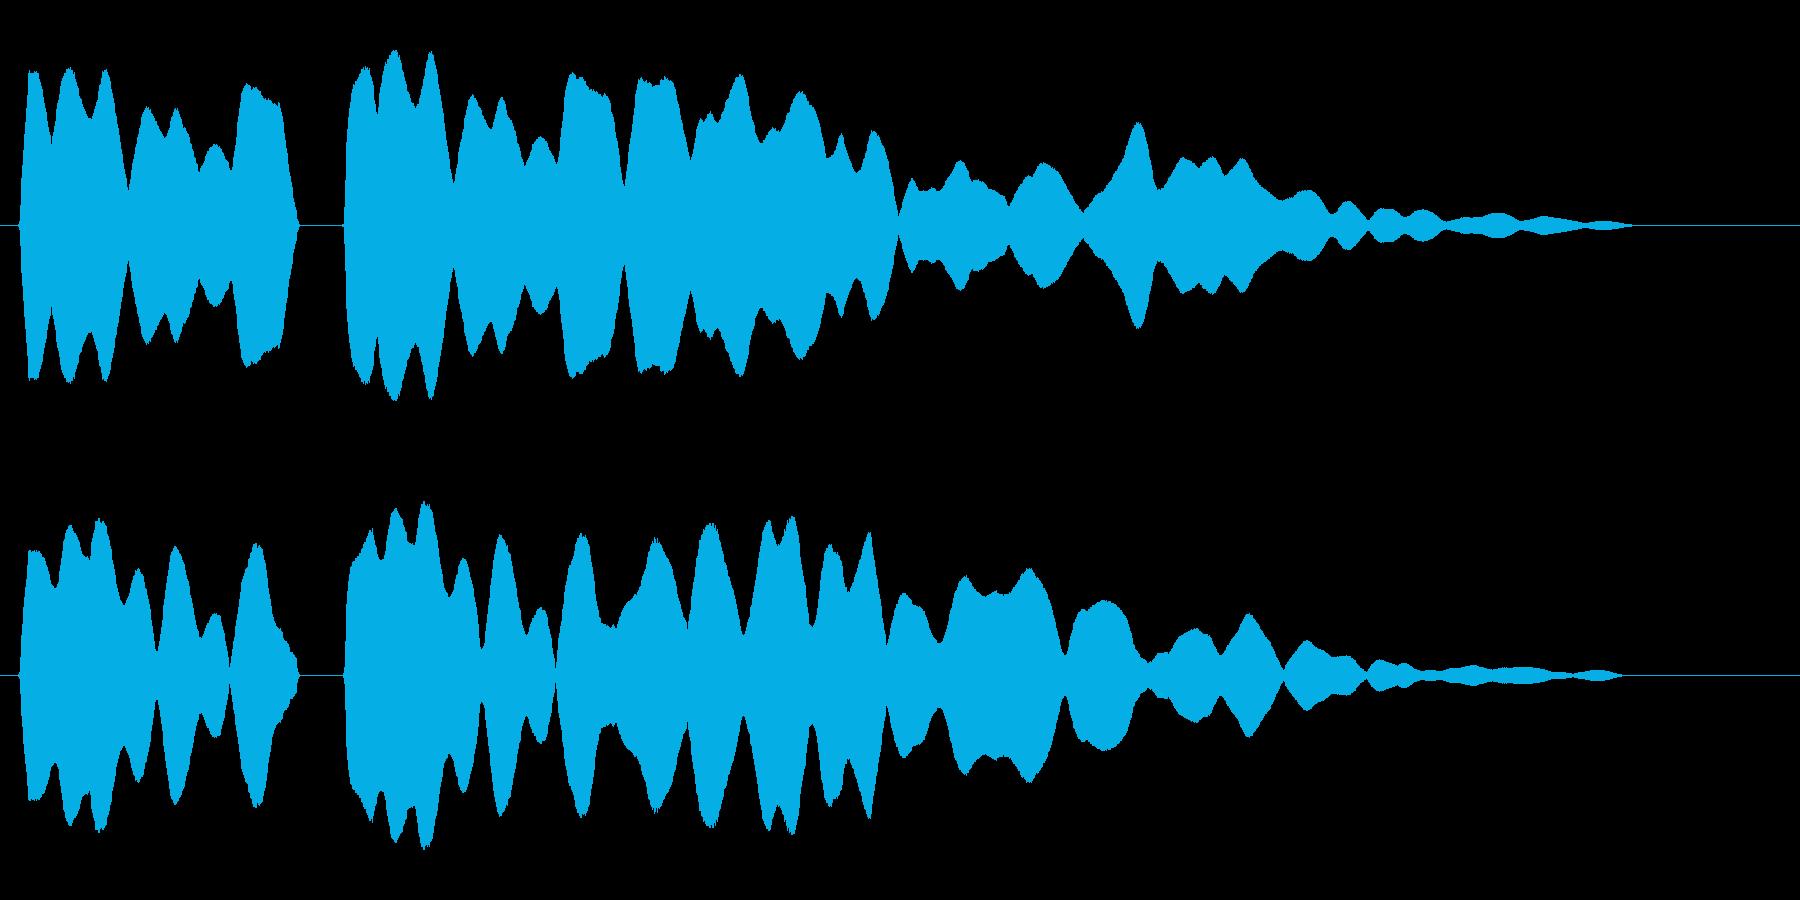 ピピーッ(高音のホイッスル音)の再生済みの波形